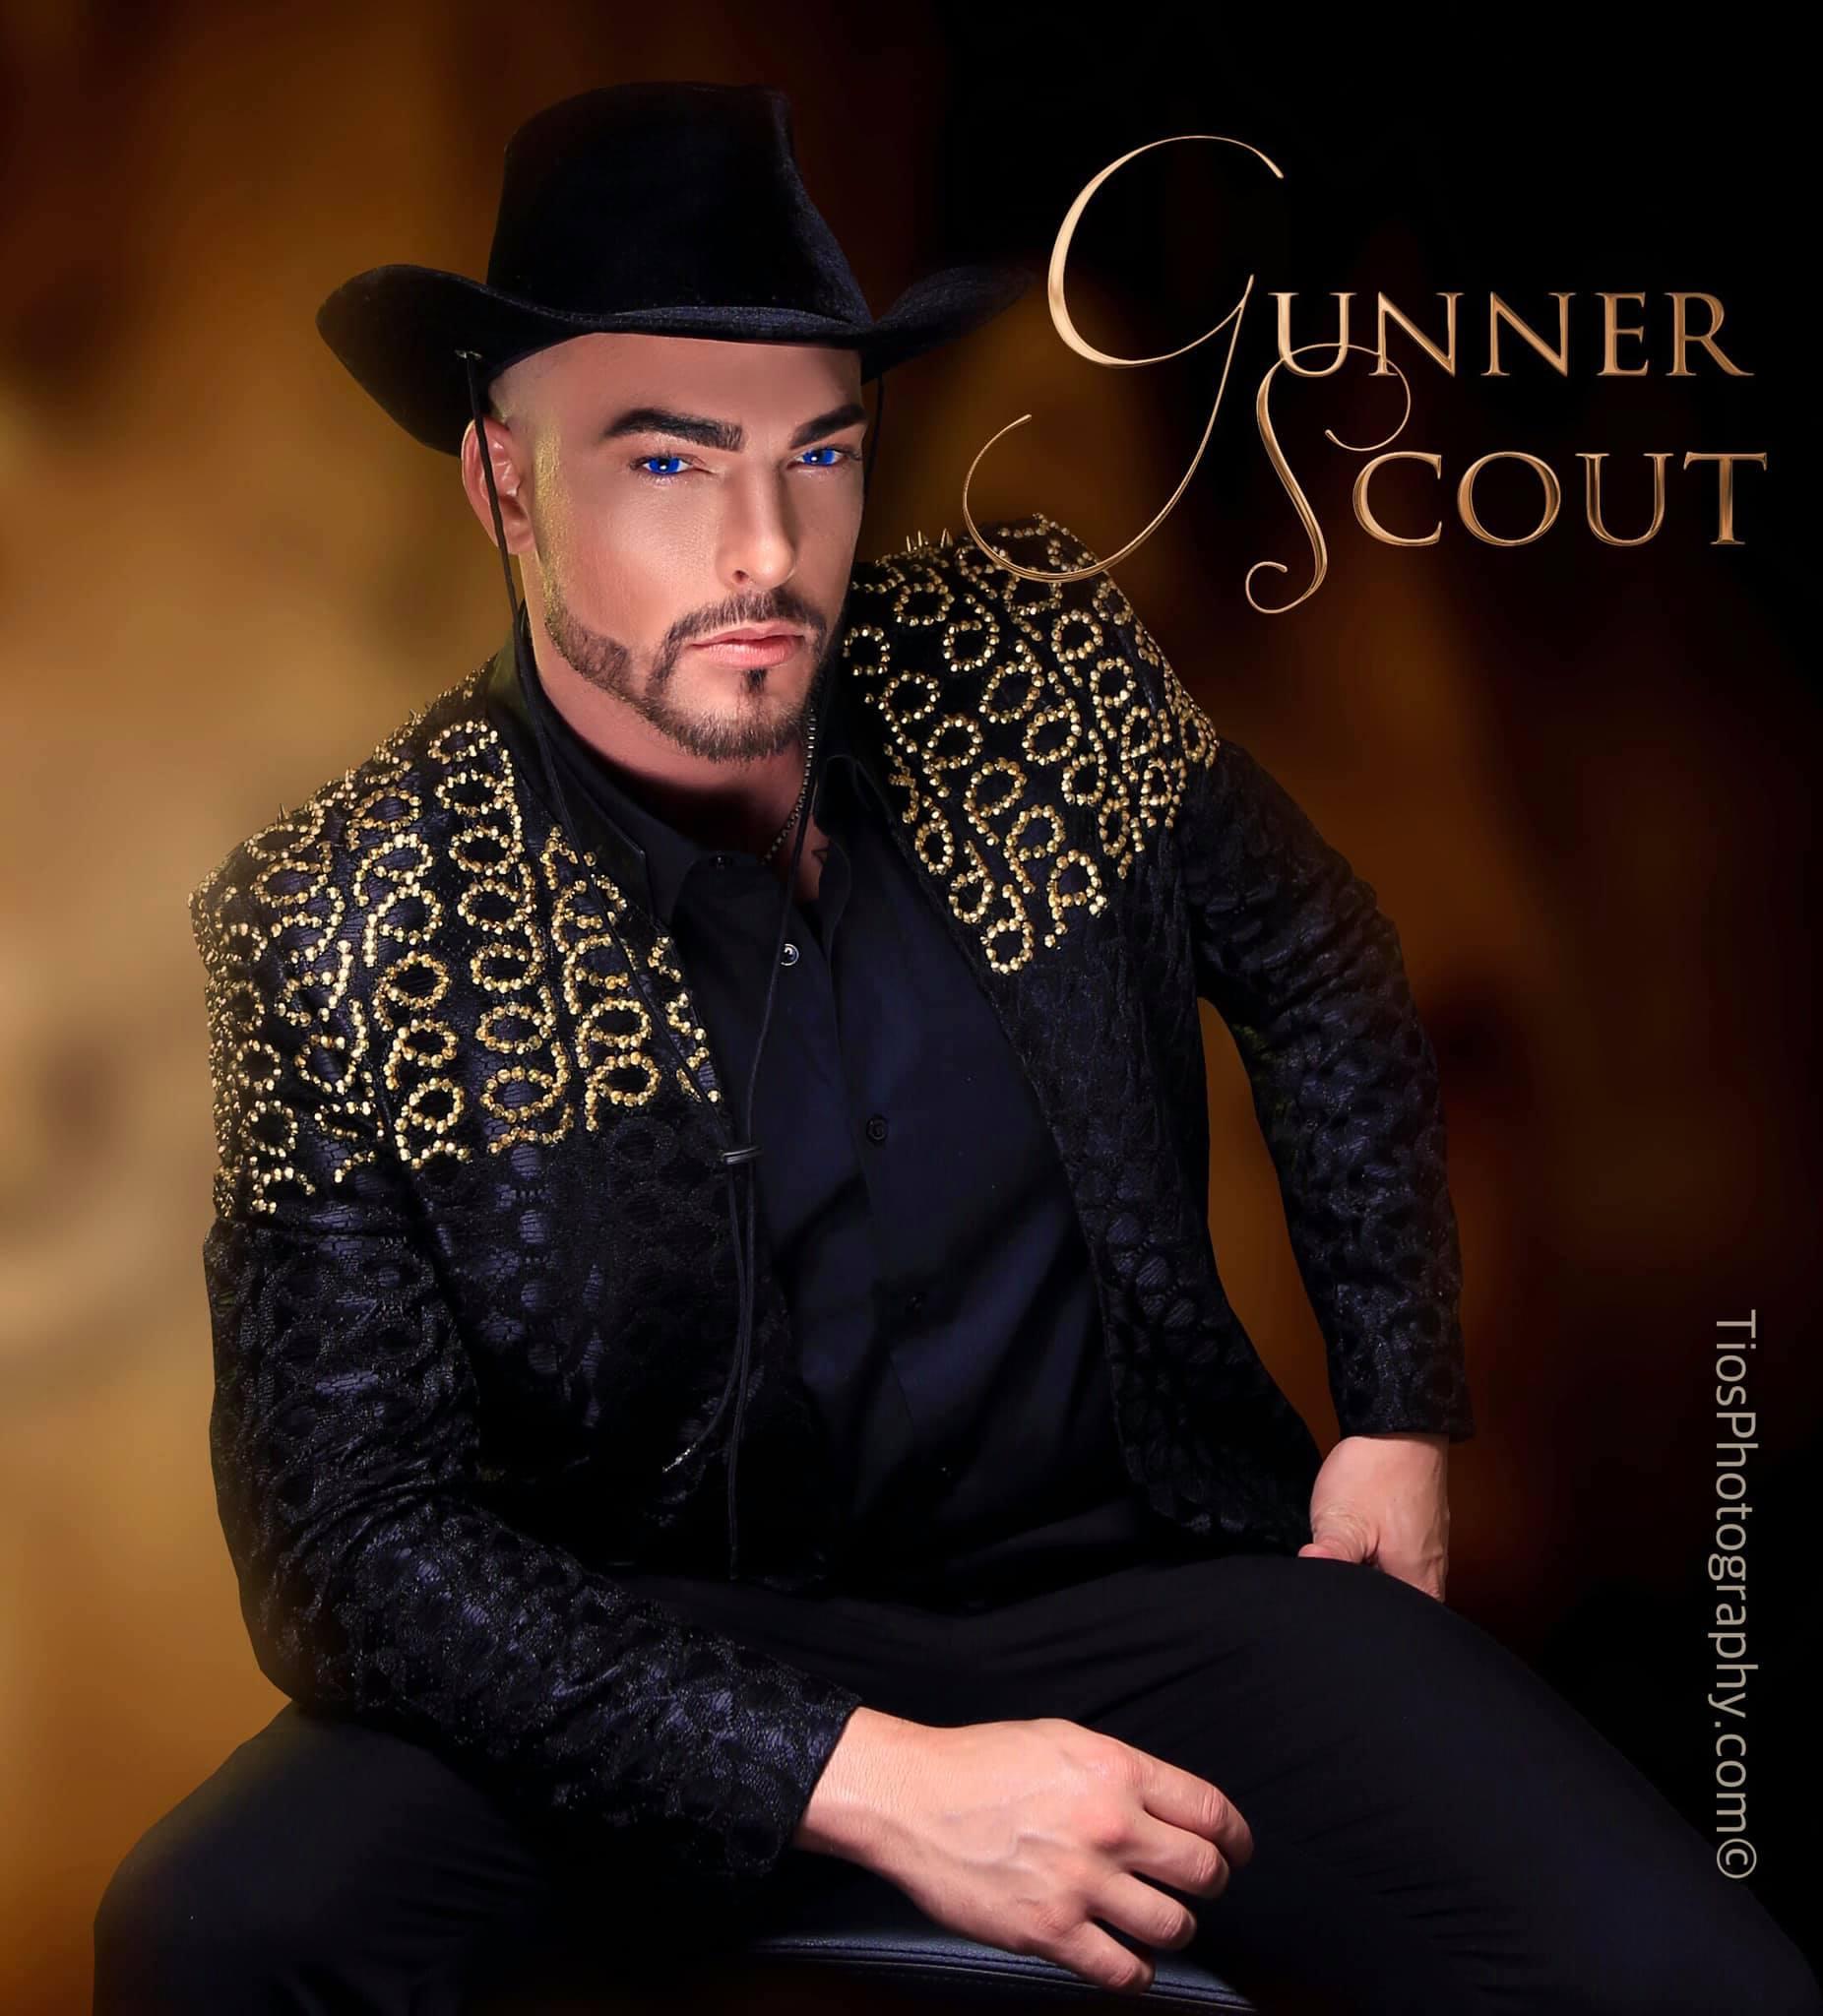 Gunner Scout